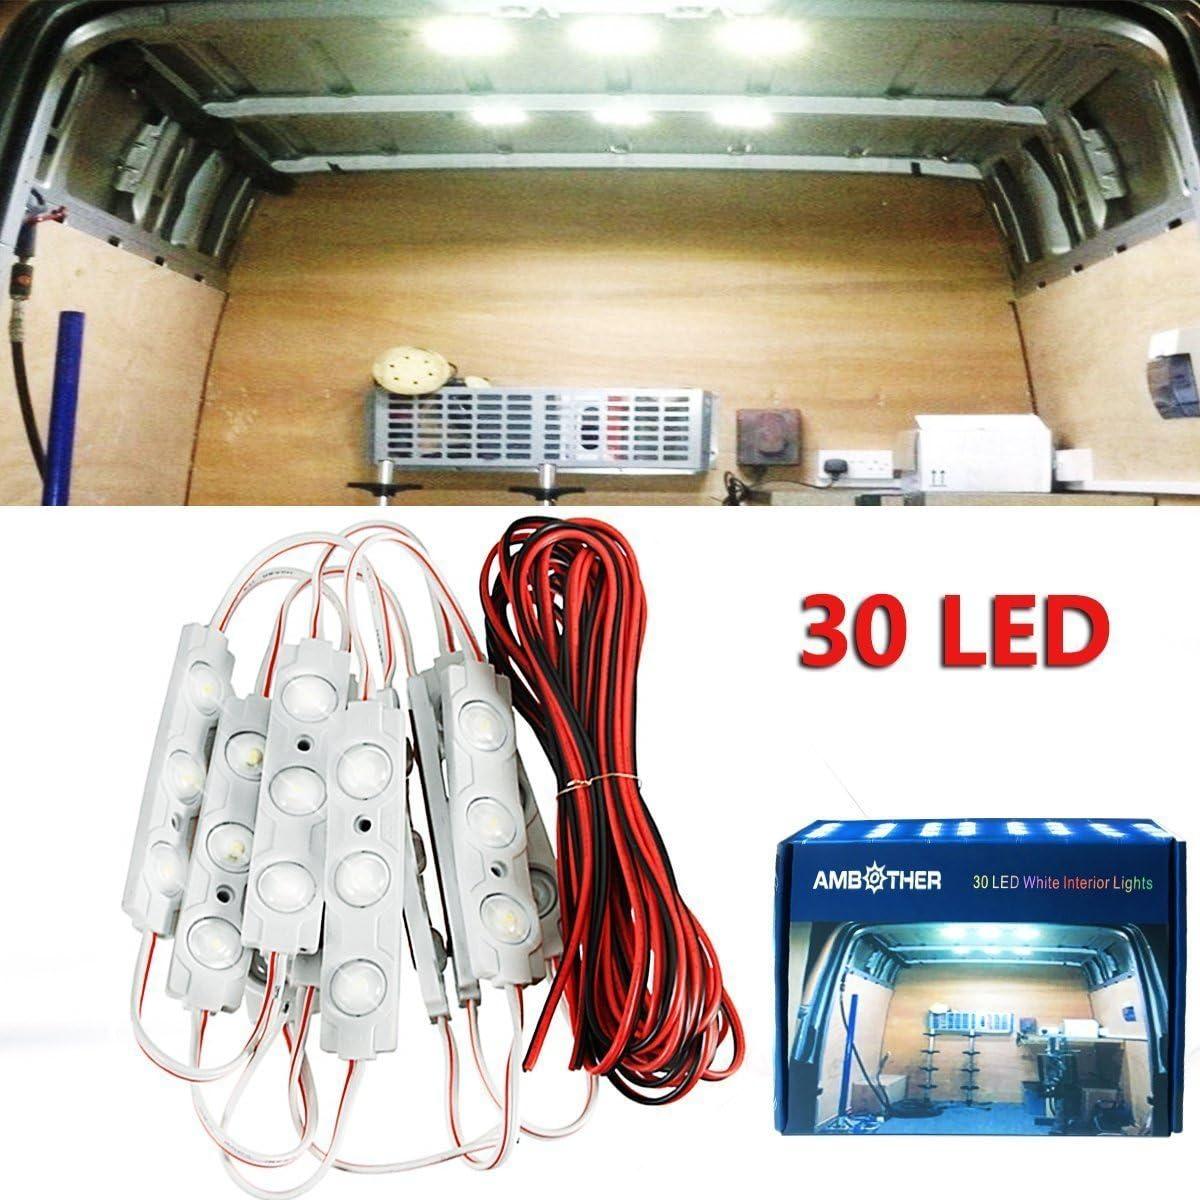 AMBOTHER Auto iluminación interior lámpara 30LED Blanco 12 V LED Interior Luz Interior Iluminación trabajo Leuchten 022 Kits de panel para LWB Van Trailer camión Sprinter Ducato Transit